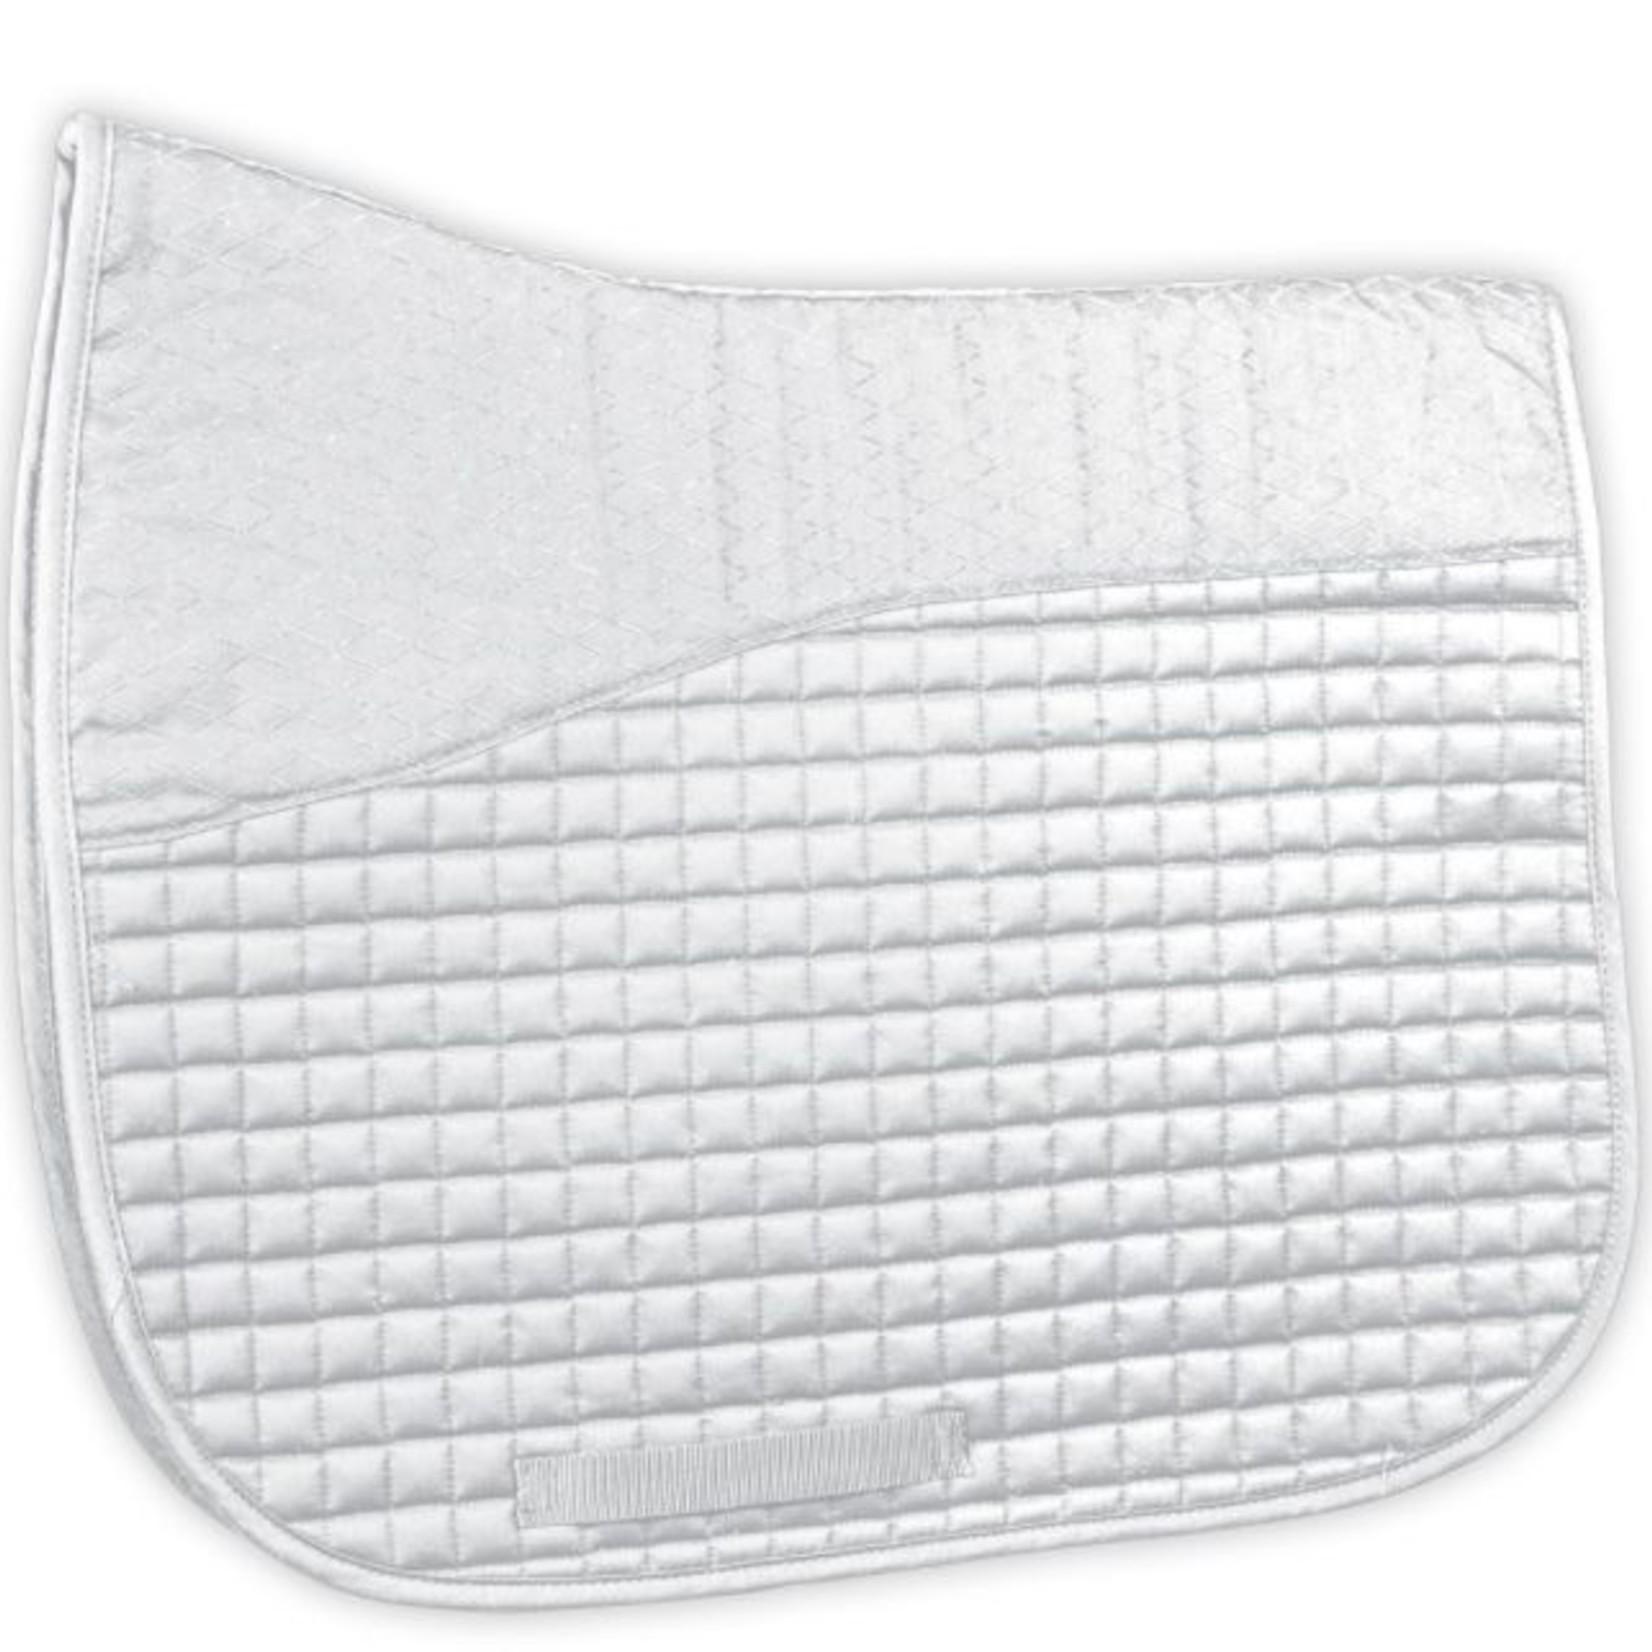 Dura-Tech D-Tech Dressage Pad w/ Anti-Slip Top - White